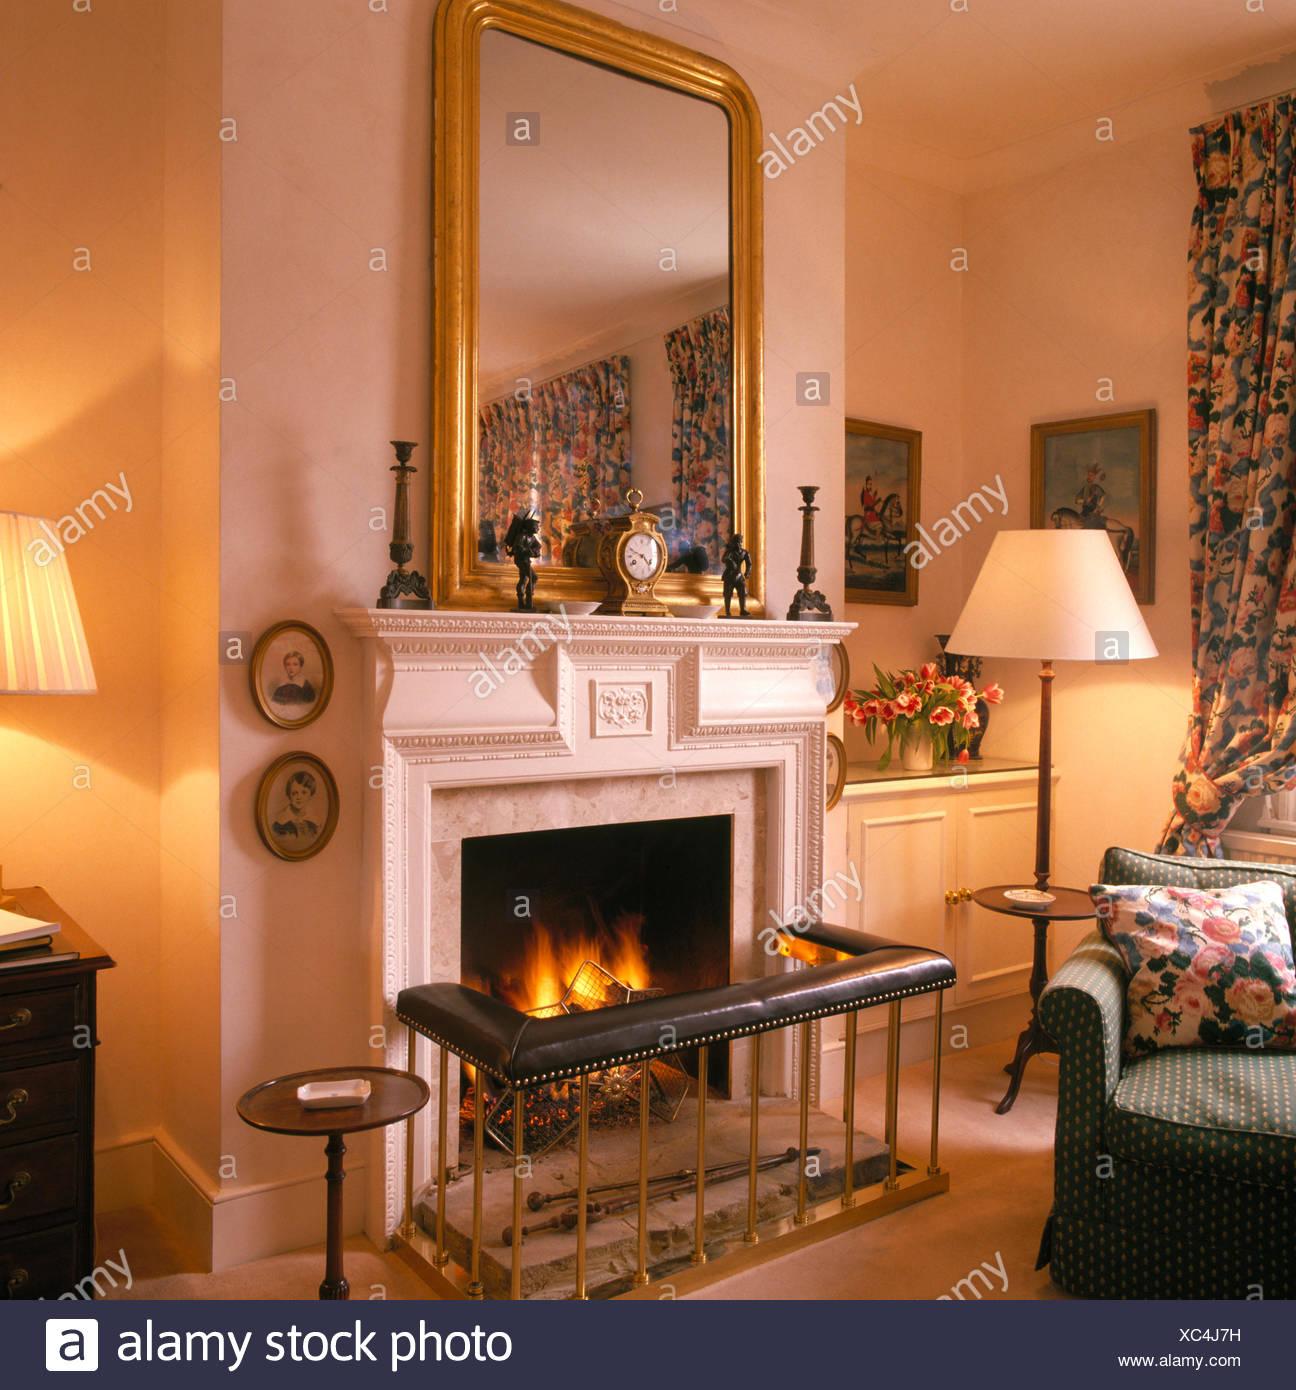 Vergoldeter Spiegel über Kamin Mit Club Kotflügel Im Gemütlichen Wohnzimmer  Mit Brennenden Lampen